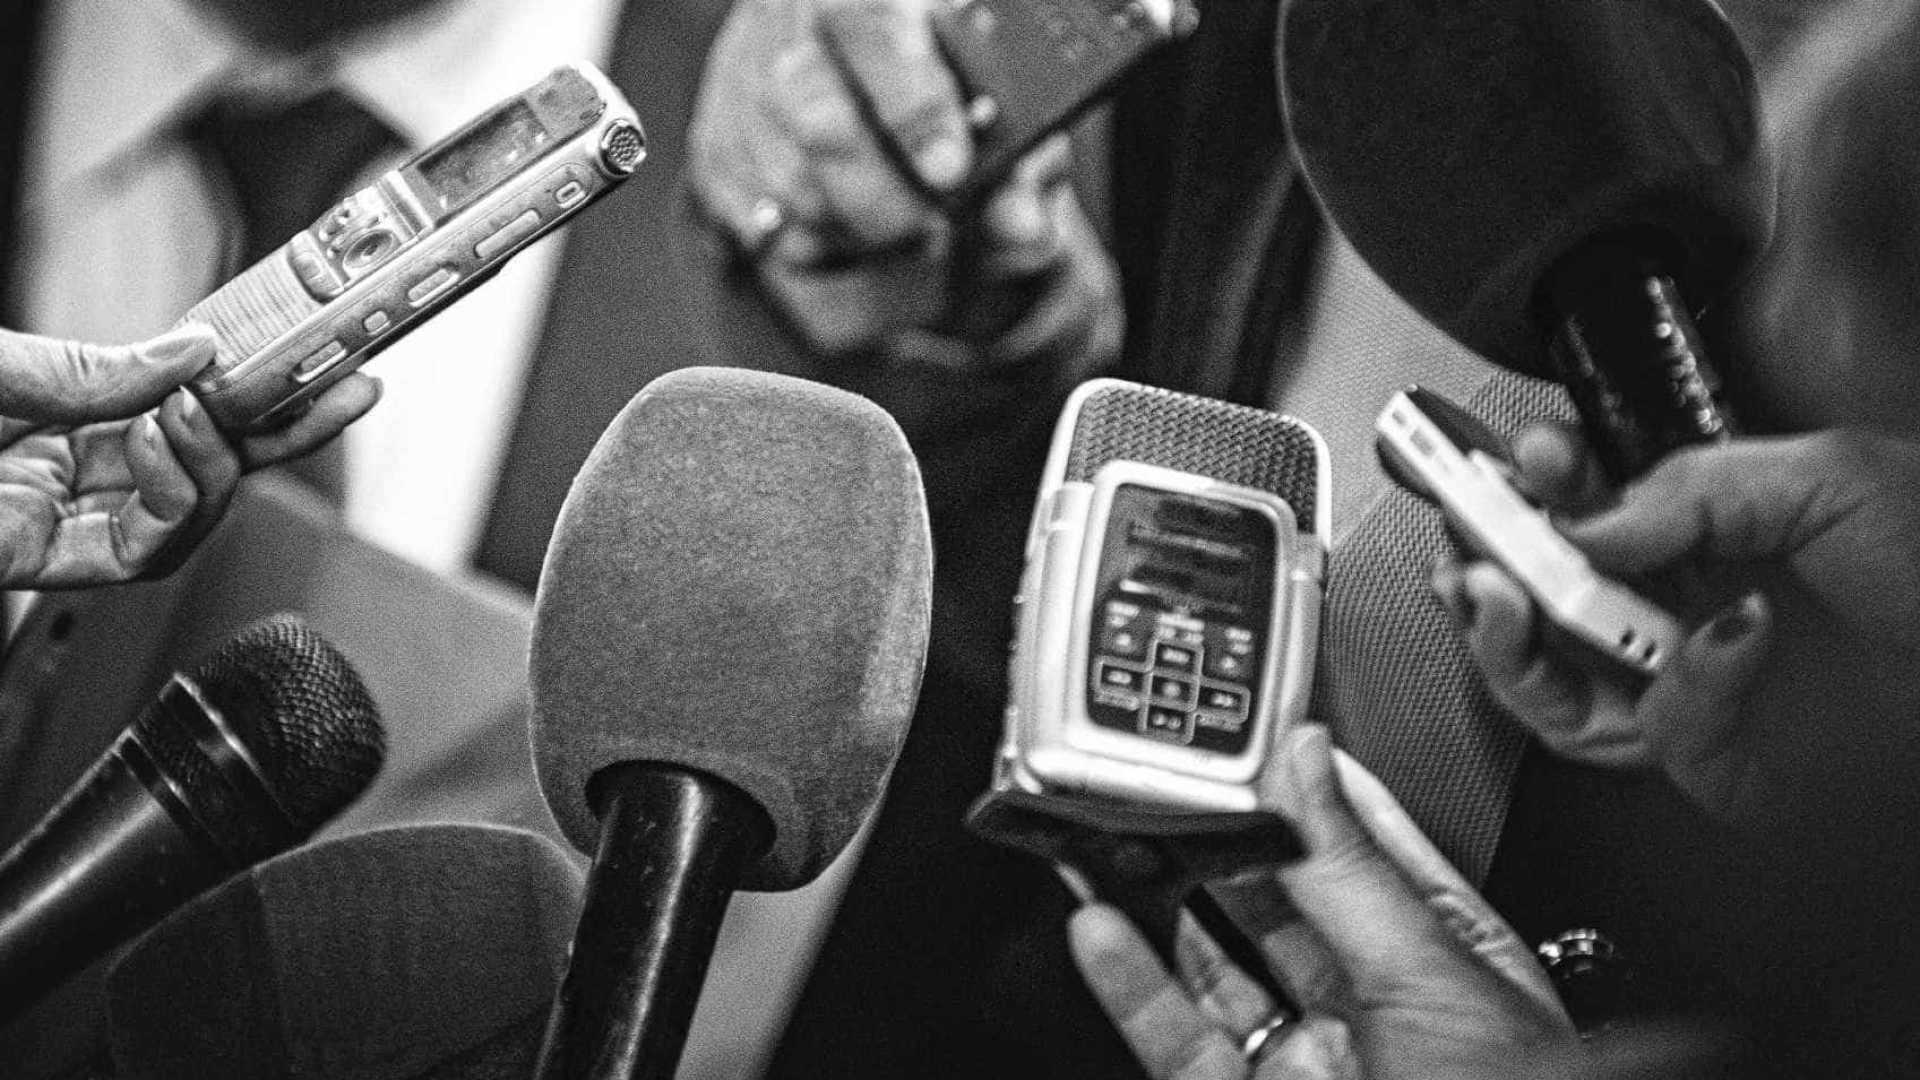 naom 56cffc5c38065 - Jornalista é sequestrado e morto com 13 tiros nesta quarta-feira